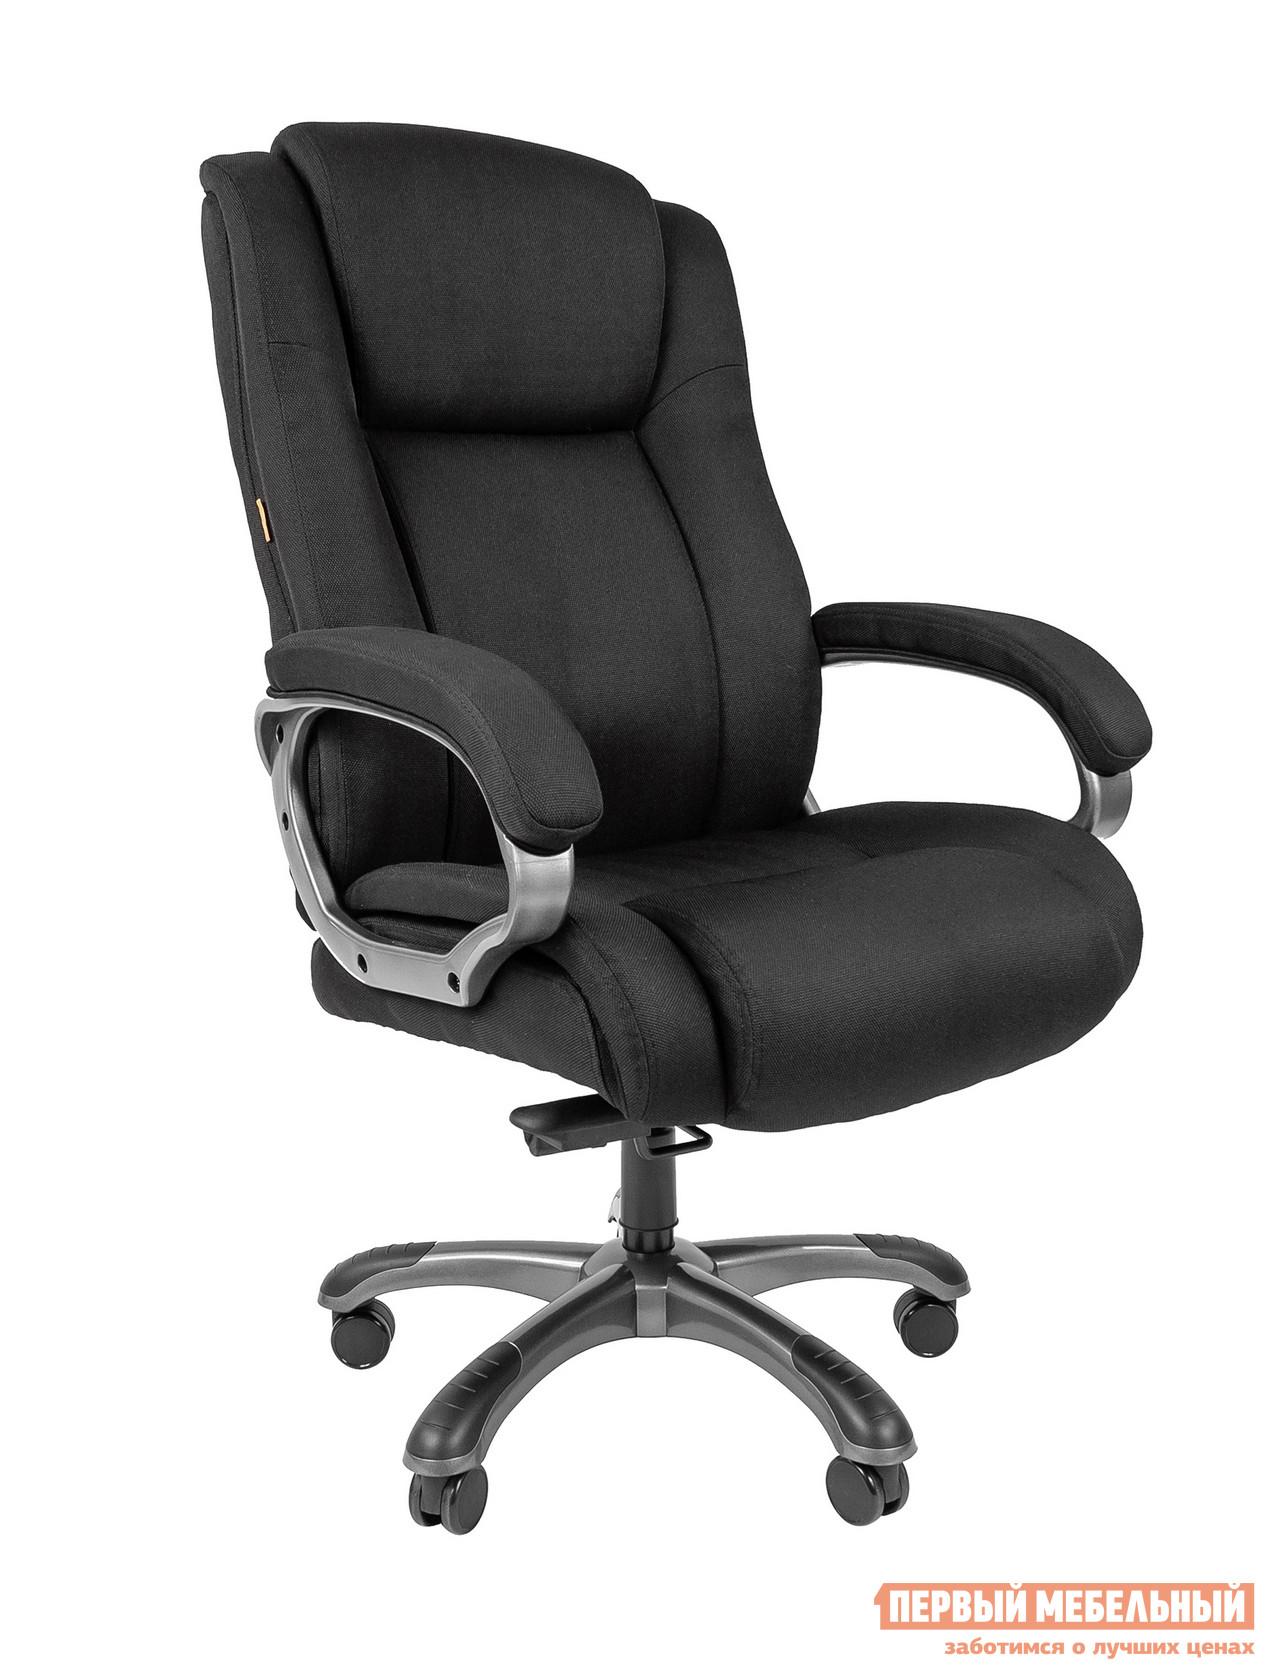 Кресло руководителя Тайпит Кресло руководителя Chairman 410 все цены